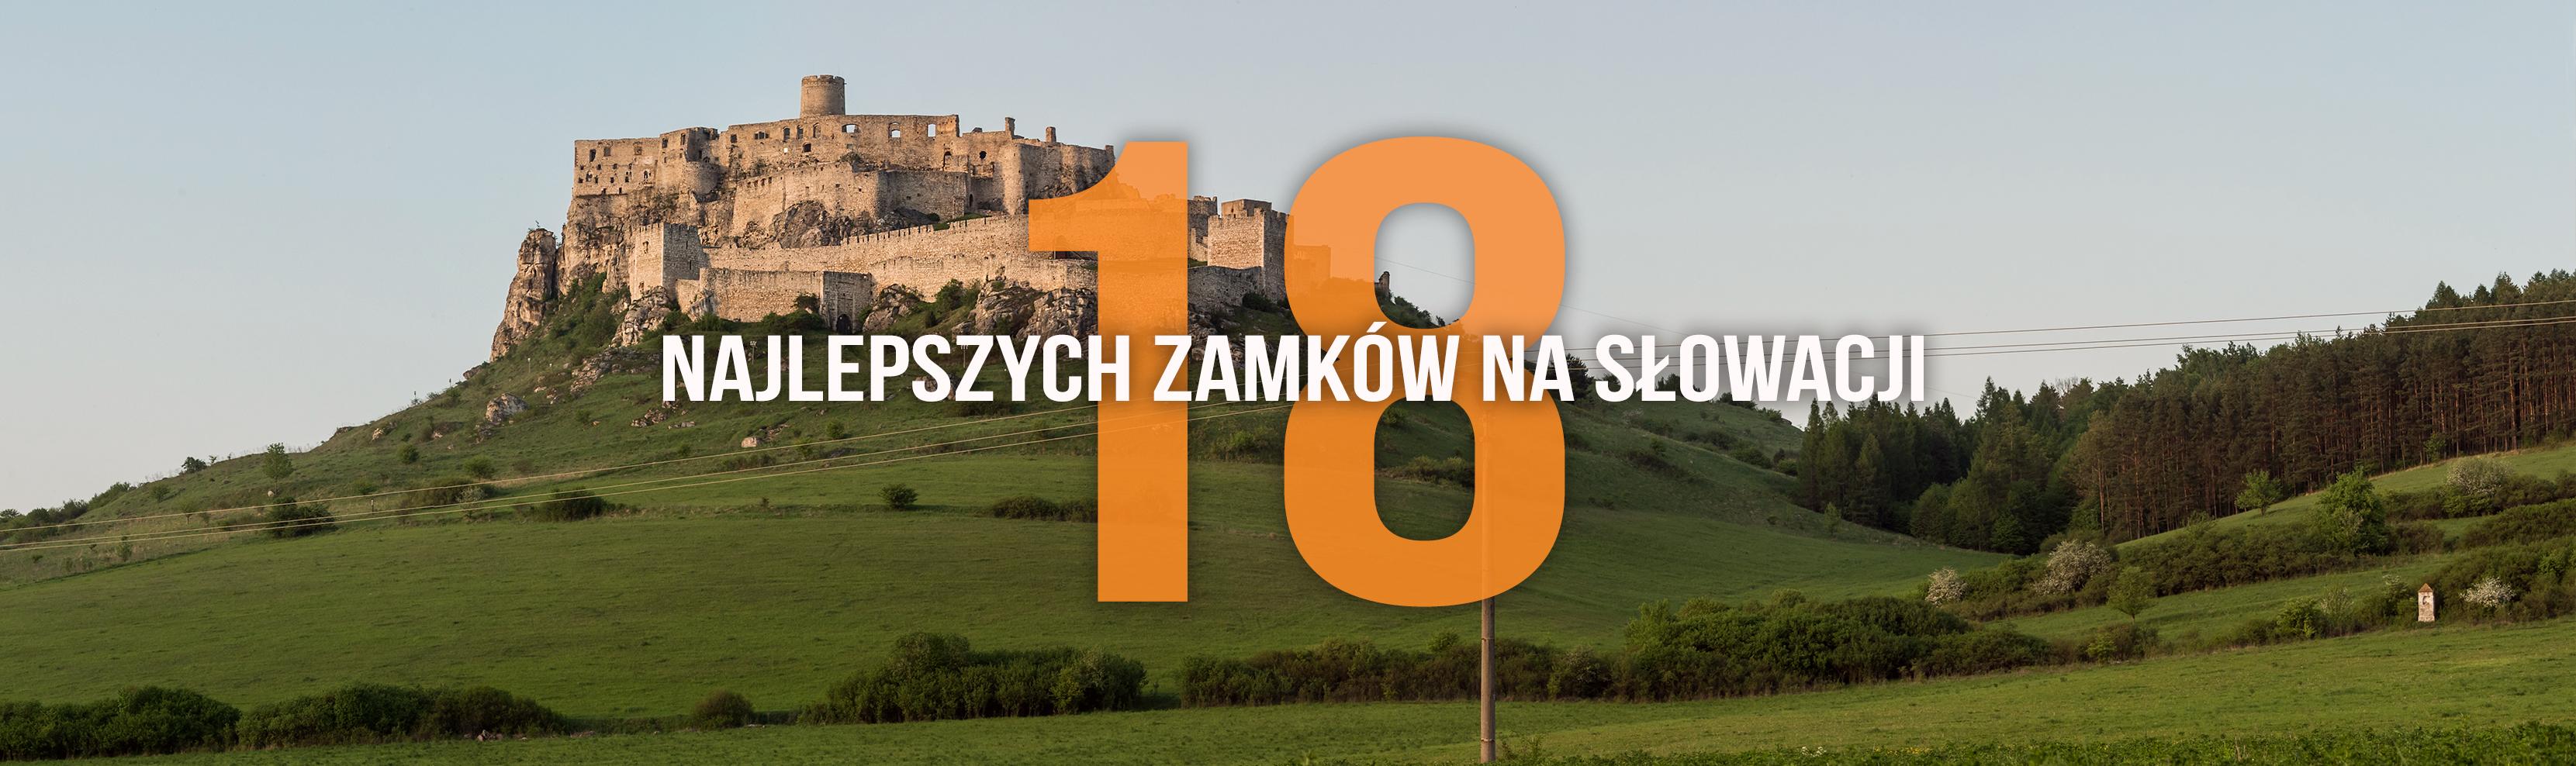 b467fc4a Zamki na Słowacji. 18 najpiękniejszych wartych odwiedzenia blisko ...